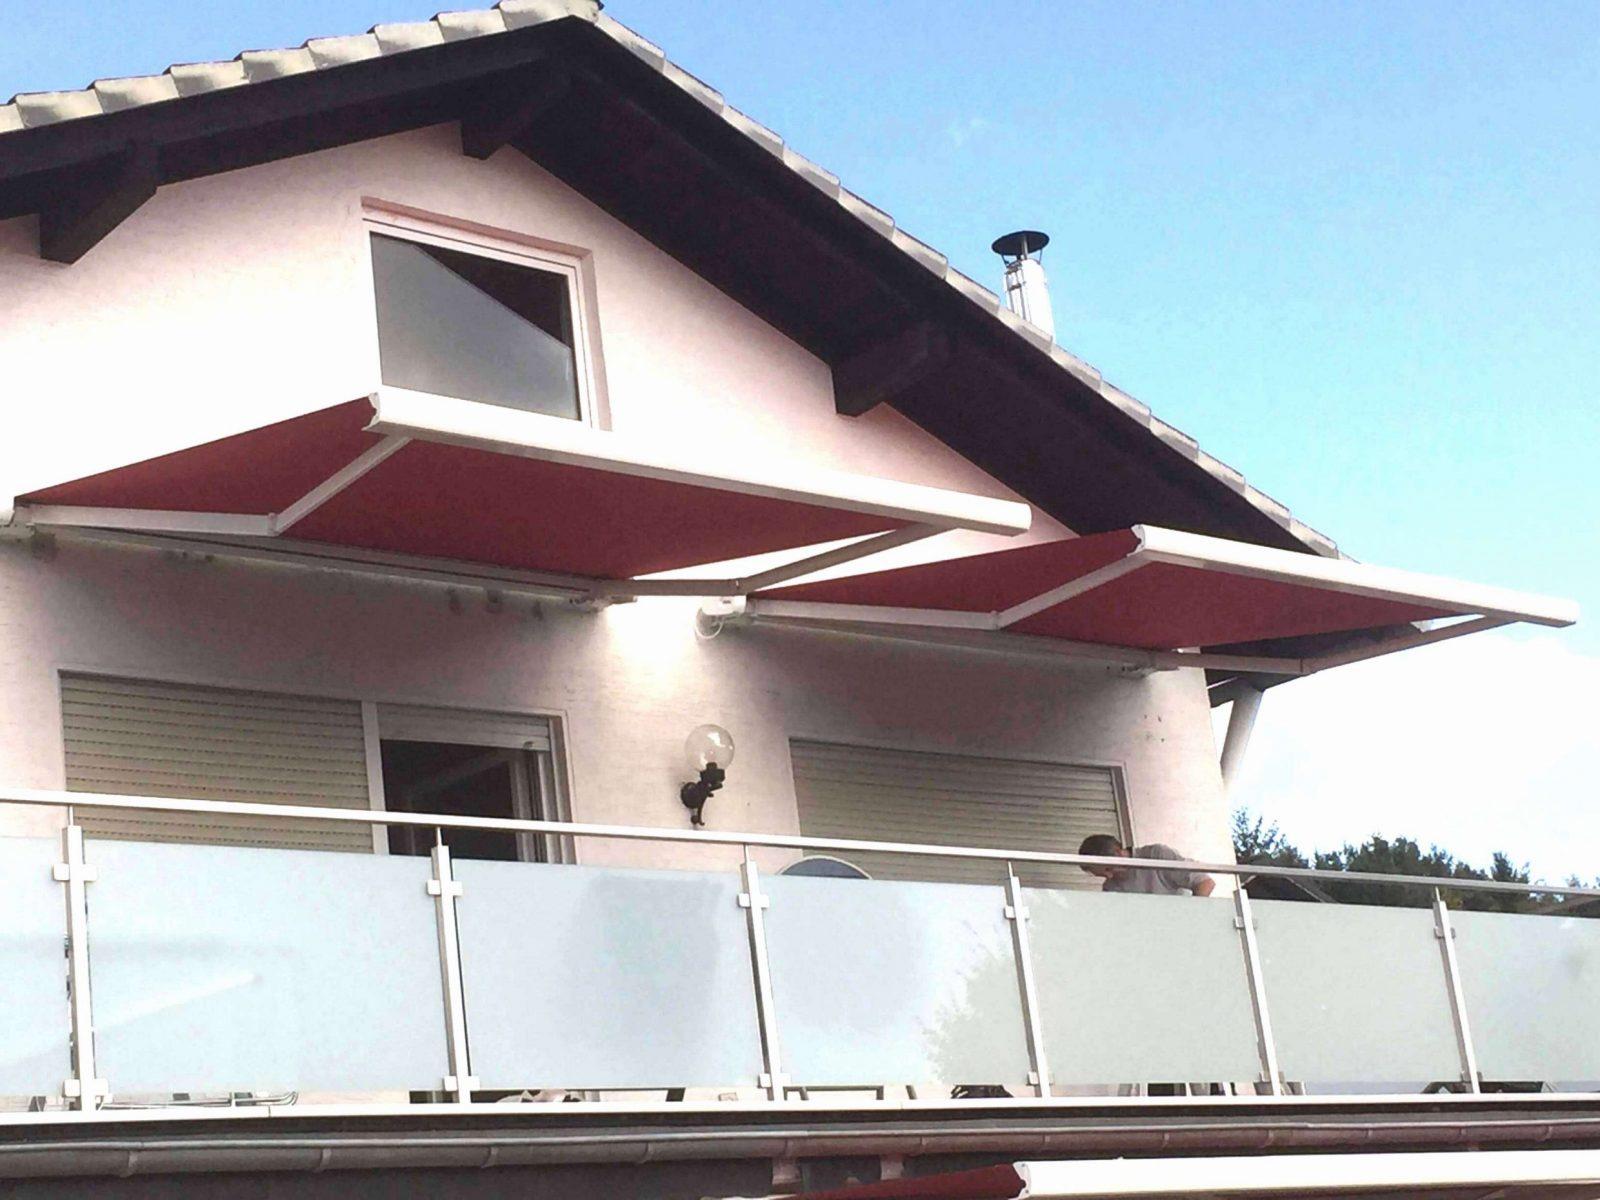 42 Das Beste Von Windschutz Balkon Ohne Bohren Galerie  Komplette von Balkon Dach Ohne Bohren Photo